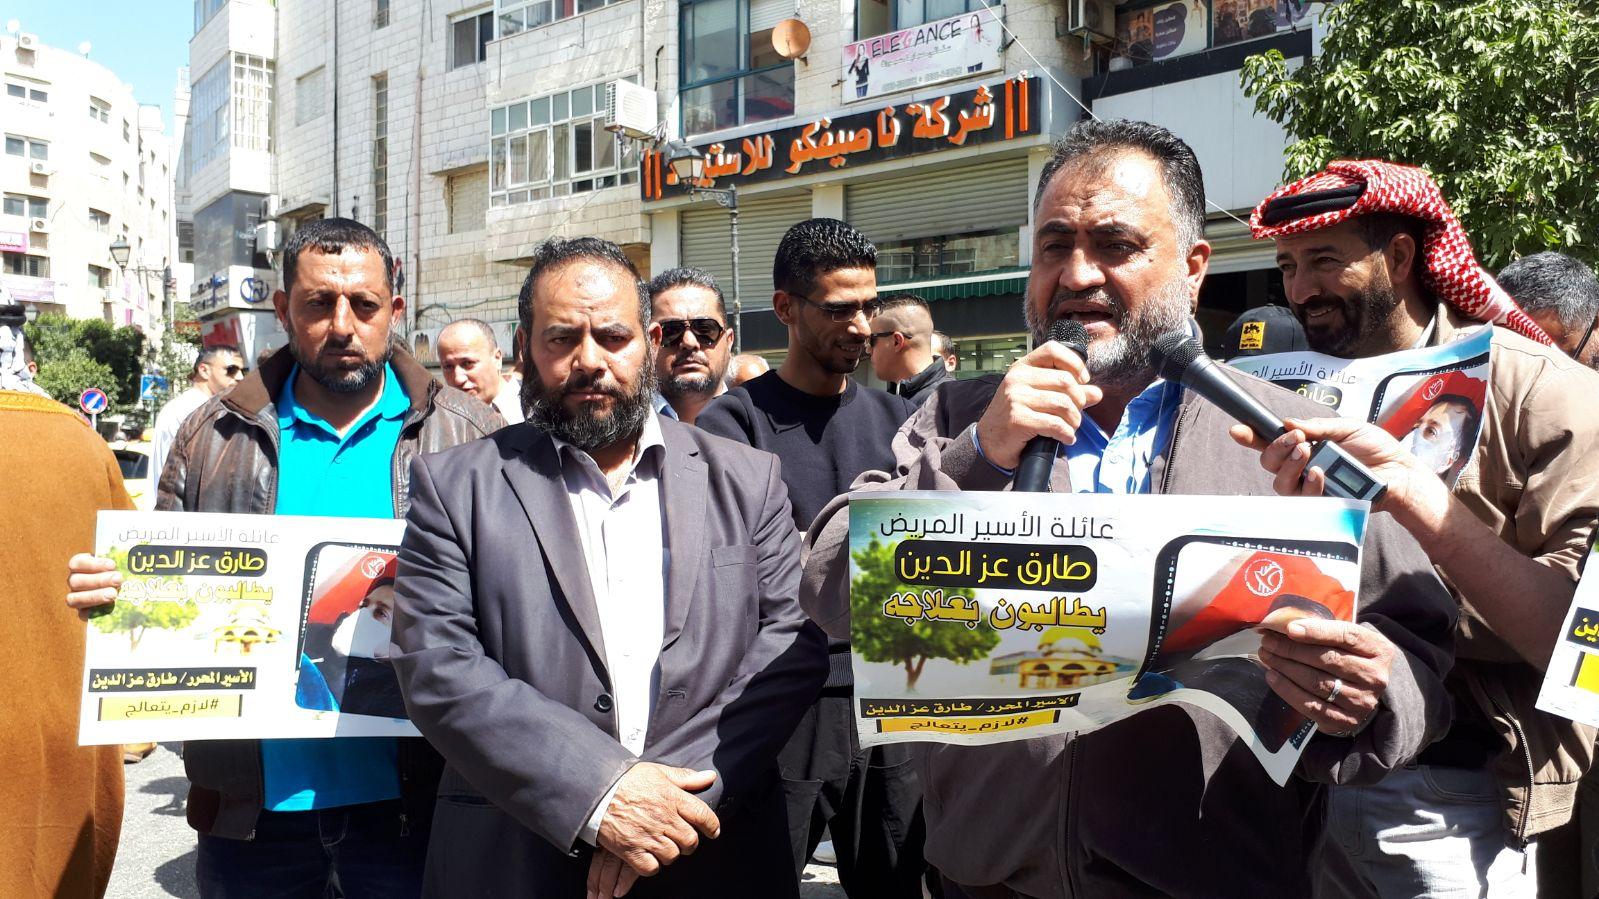 وكالة الصحافة الفلسطينية - وقفات برام الله وغزة للمطالبة بالسماح للمحرر  عز الدين  بالسفر للعلاج